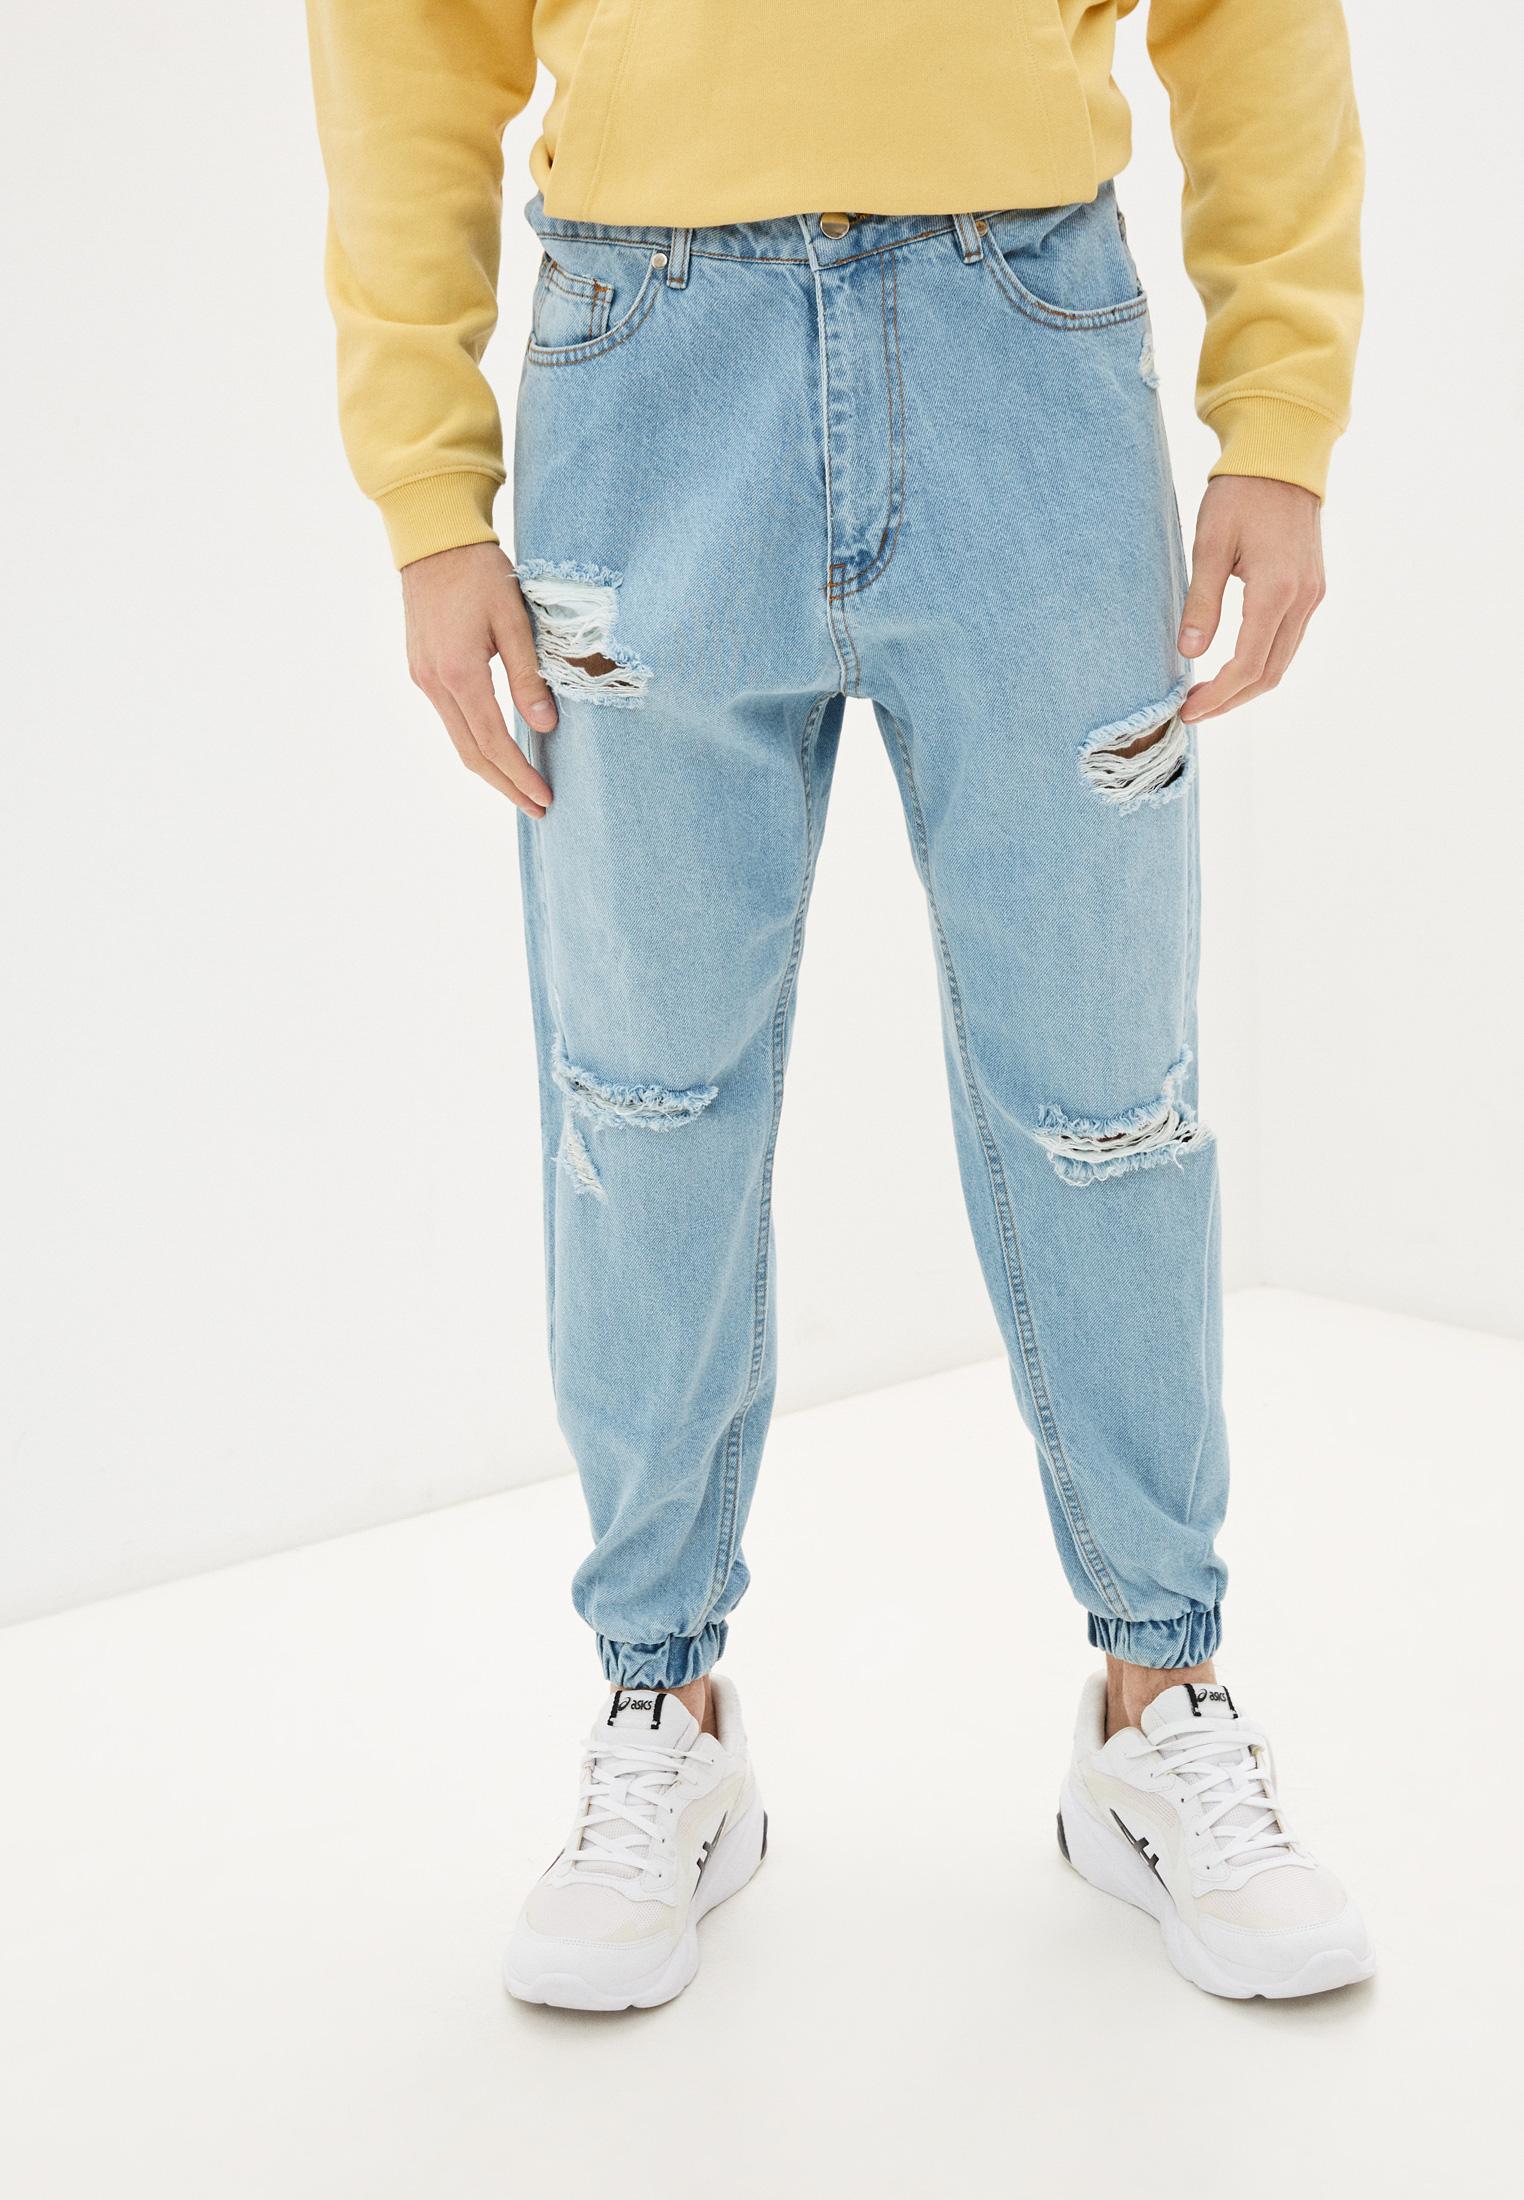 Мужские джинсы Dali Джинсы Dali